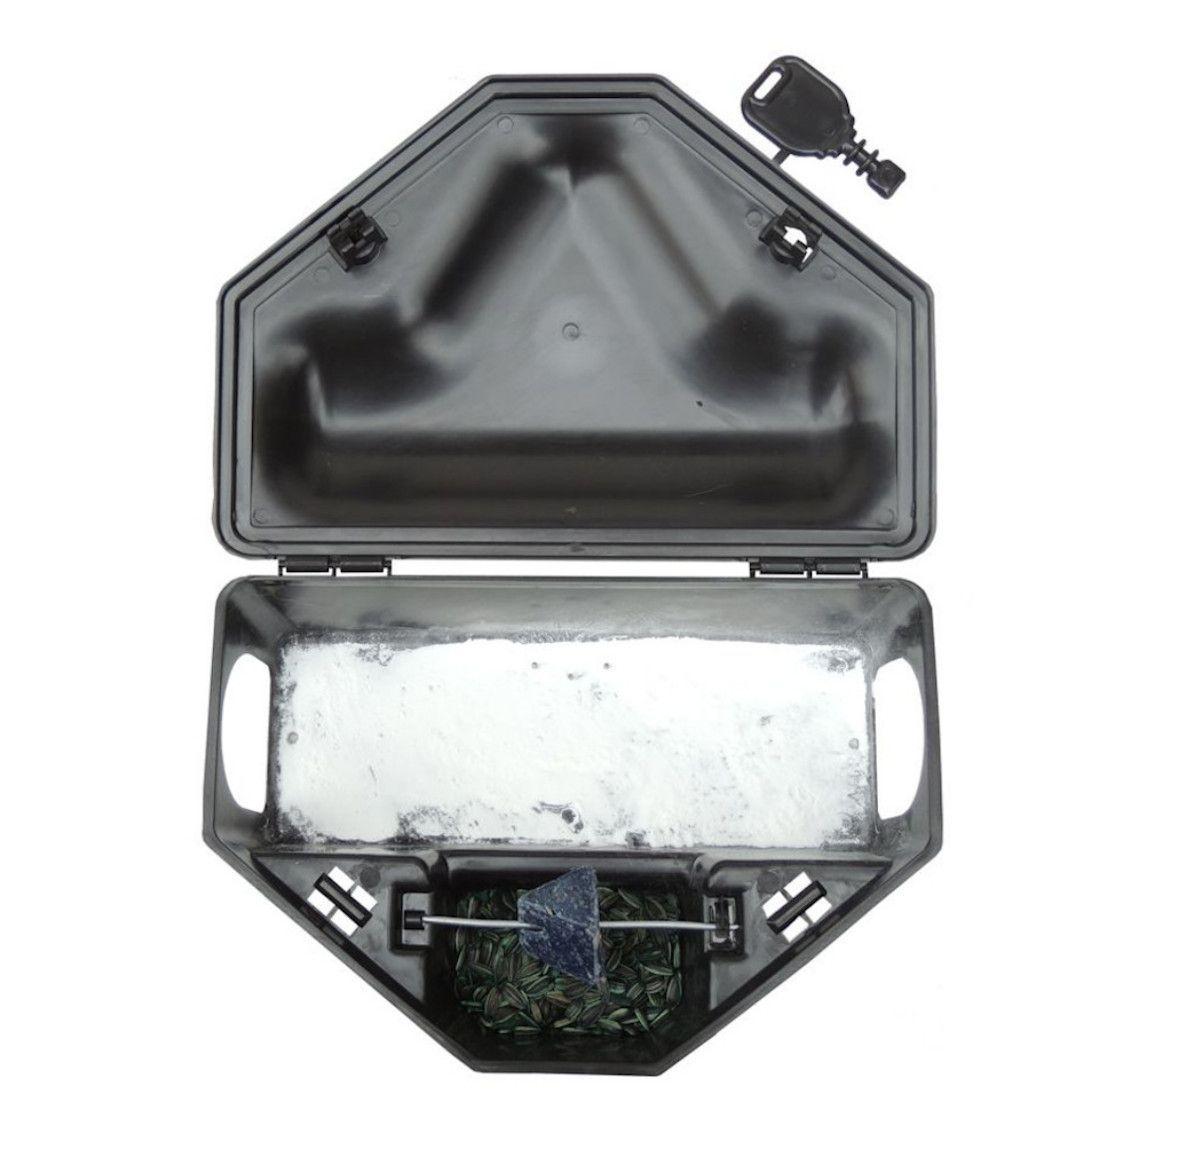 Kit 100 Porta Isca Com 2 Chaves